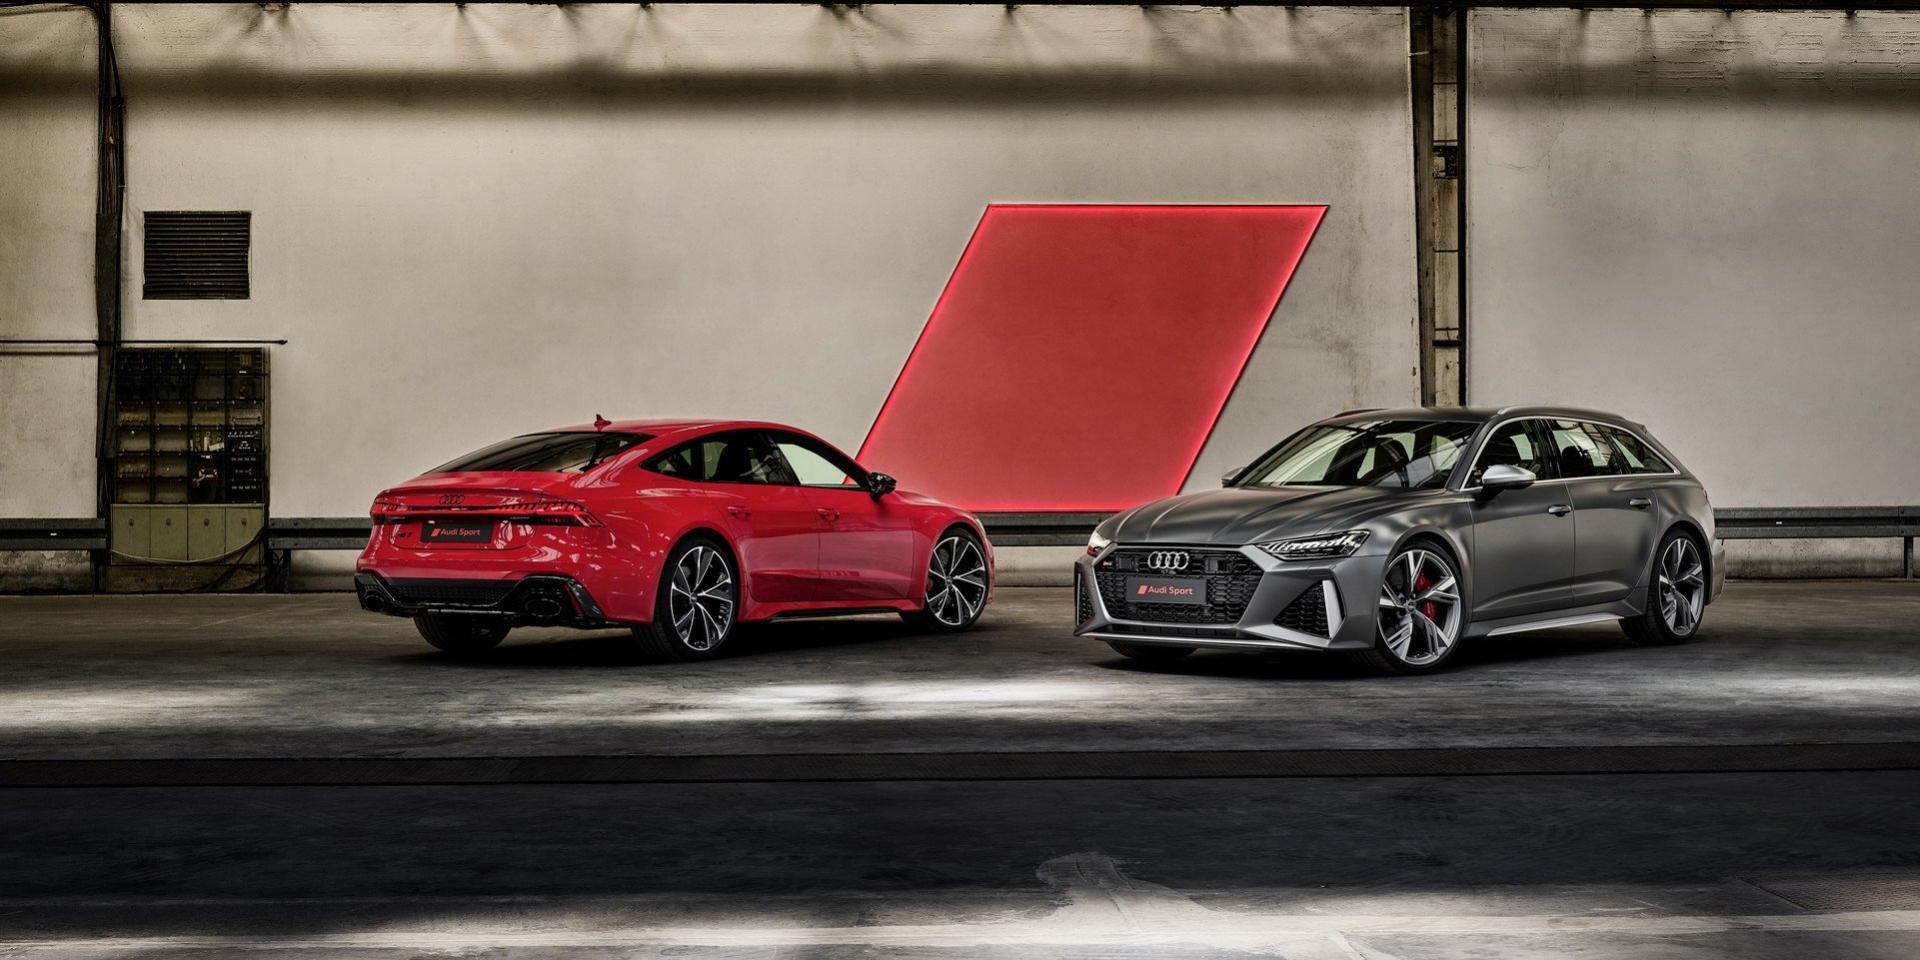 600hp還不夠!Audi表示RS6、RS7還會有更強版本出現!